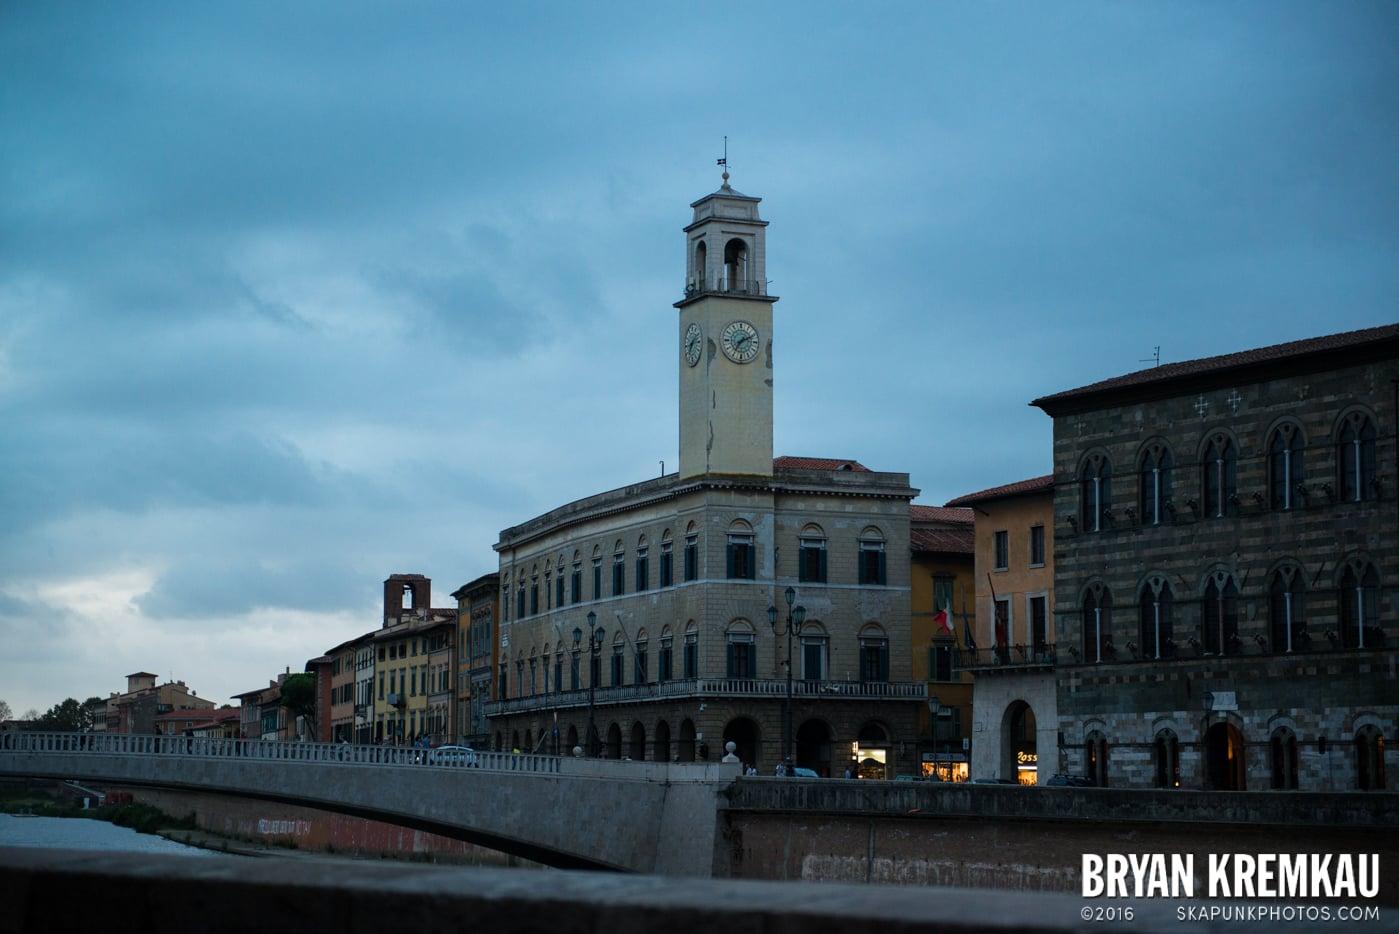 Italy Vacation - Day 8: Siena, San Gimignano, Chianti, Pisa - 9.16.13 (7)